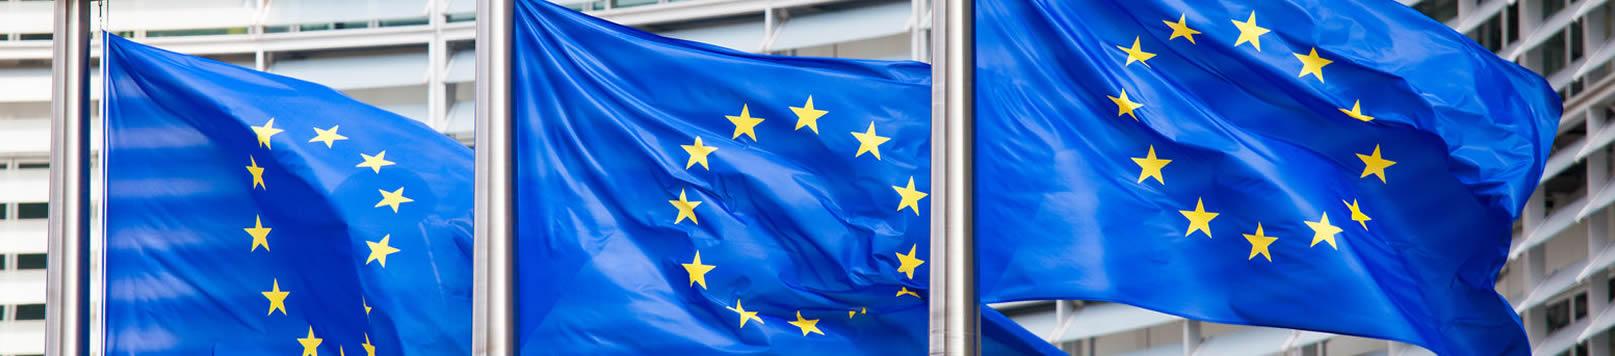 Ricerche nella Comunità Europeaa per Brevetti Modelli e Marchi Pisa